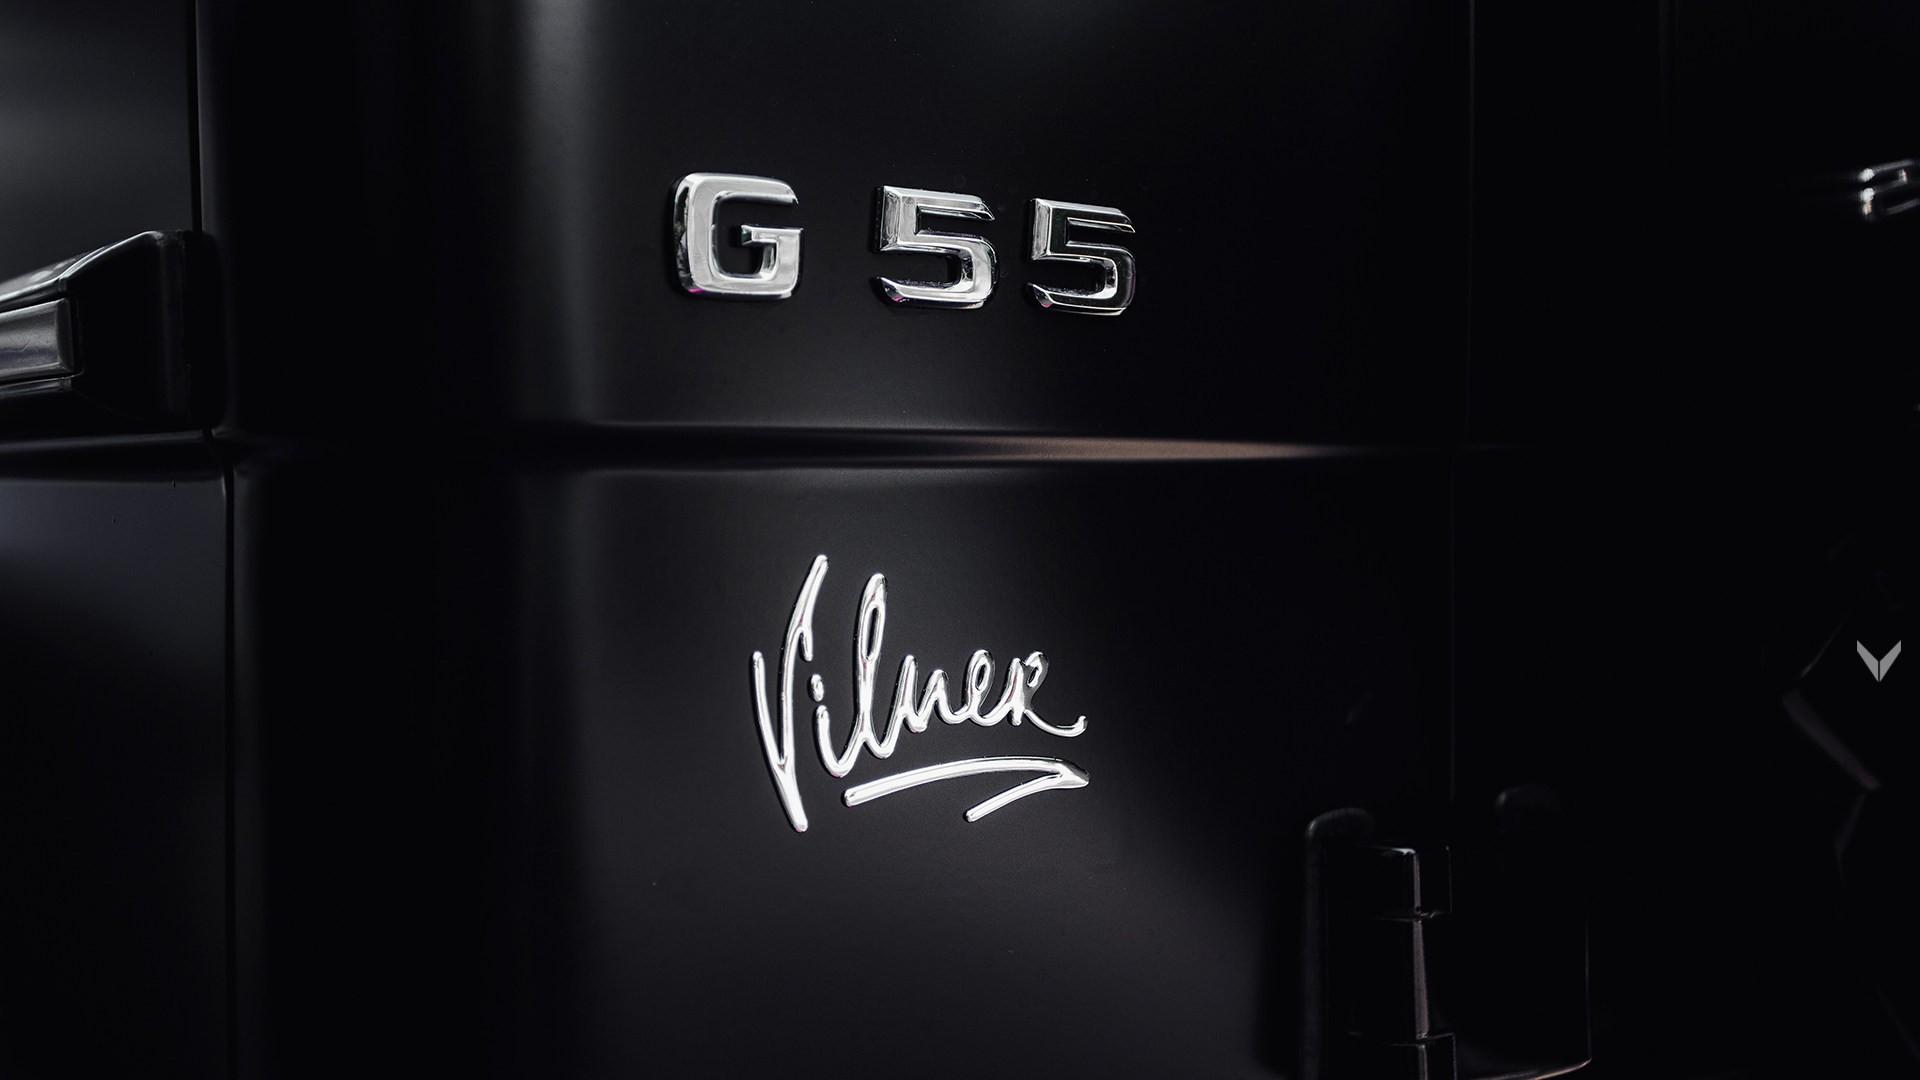 Mercedes_GClass_Vilner_12